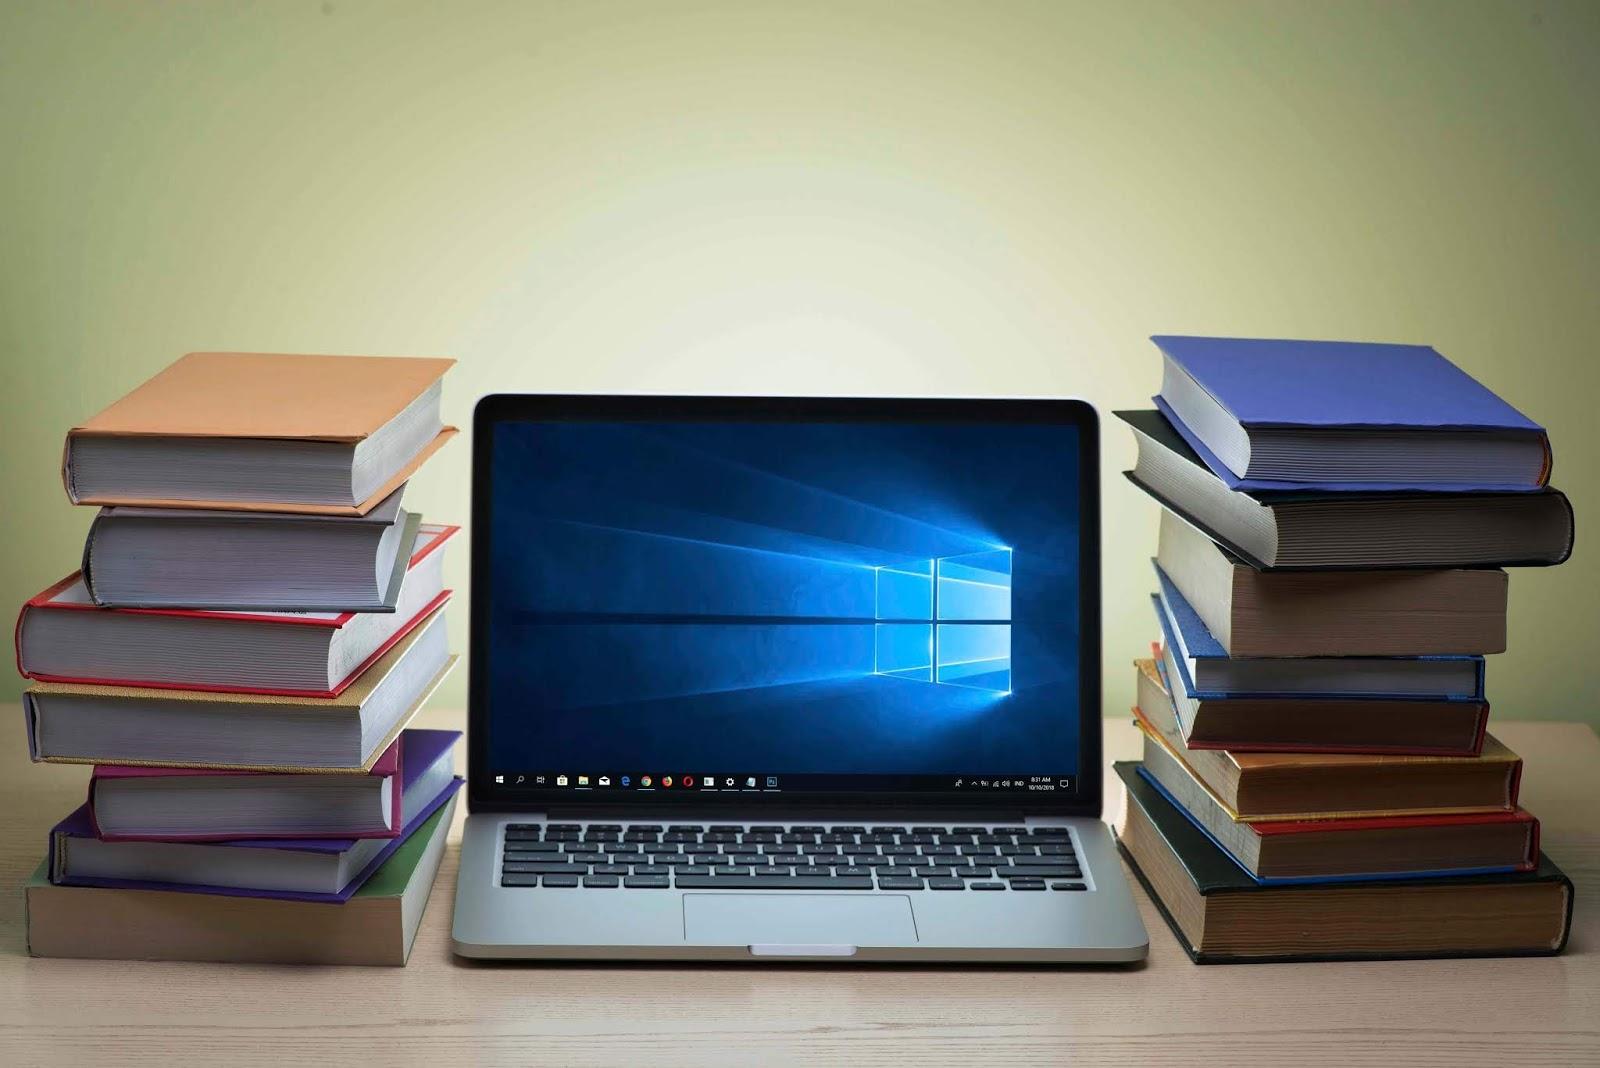 Cara Mencerahkan Layar Laptop dengan Mudah